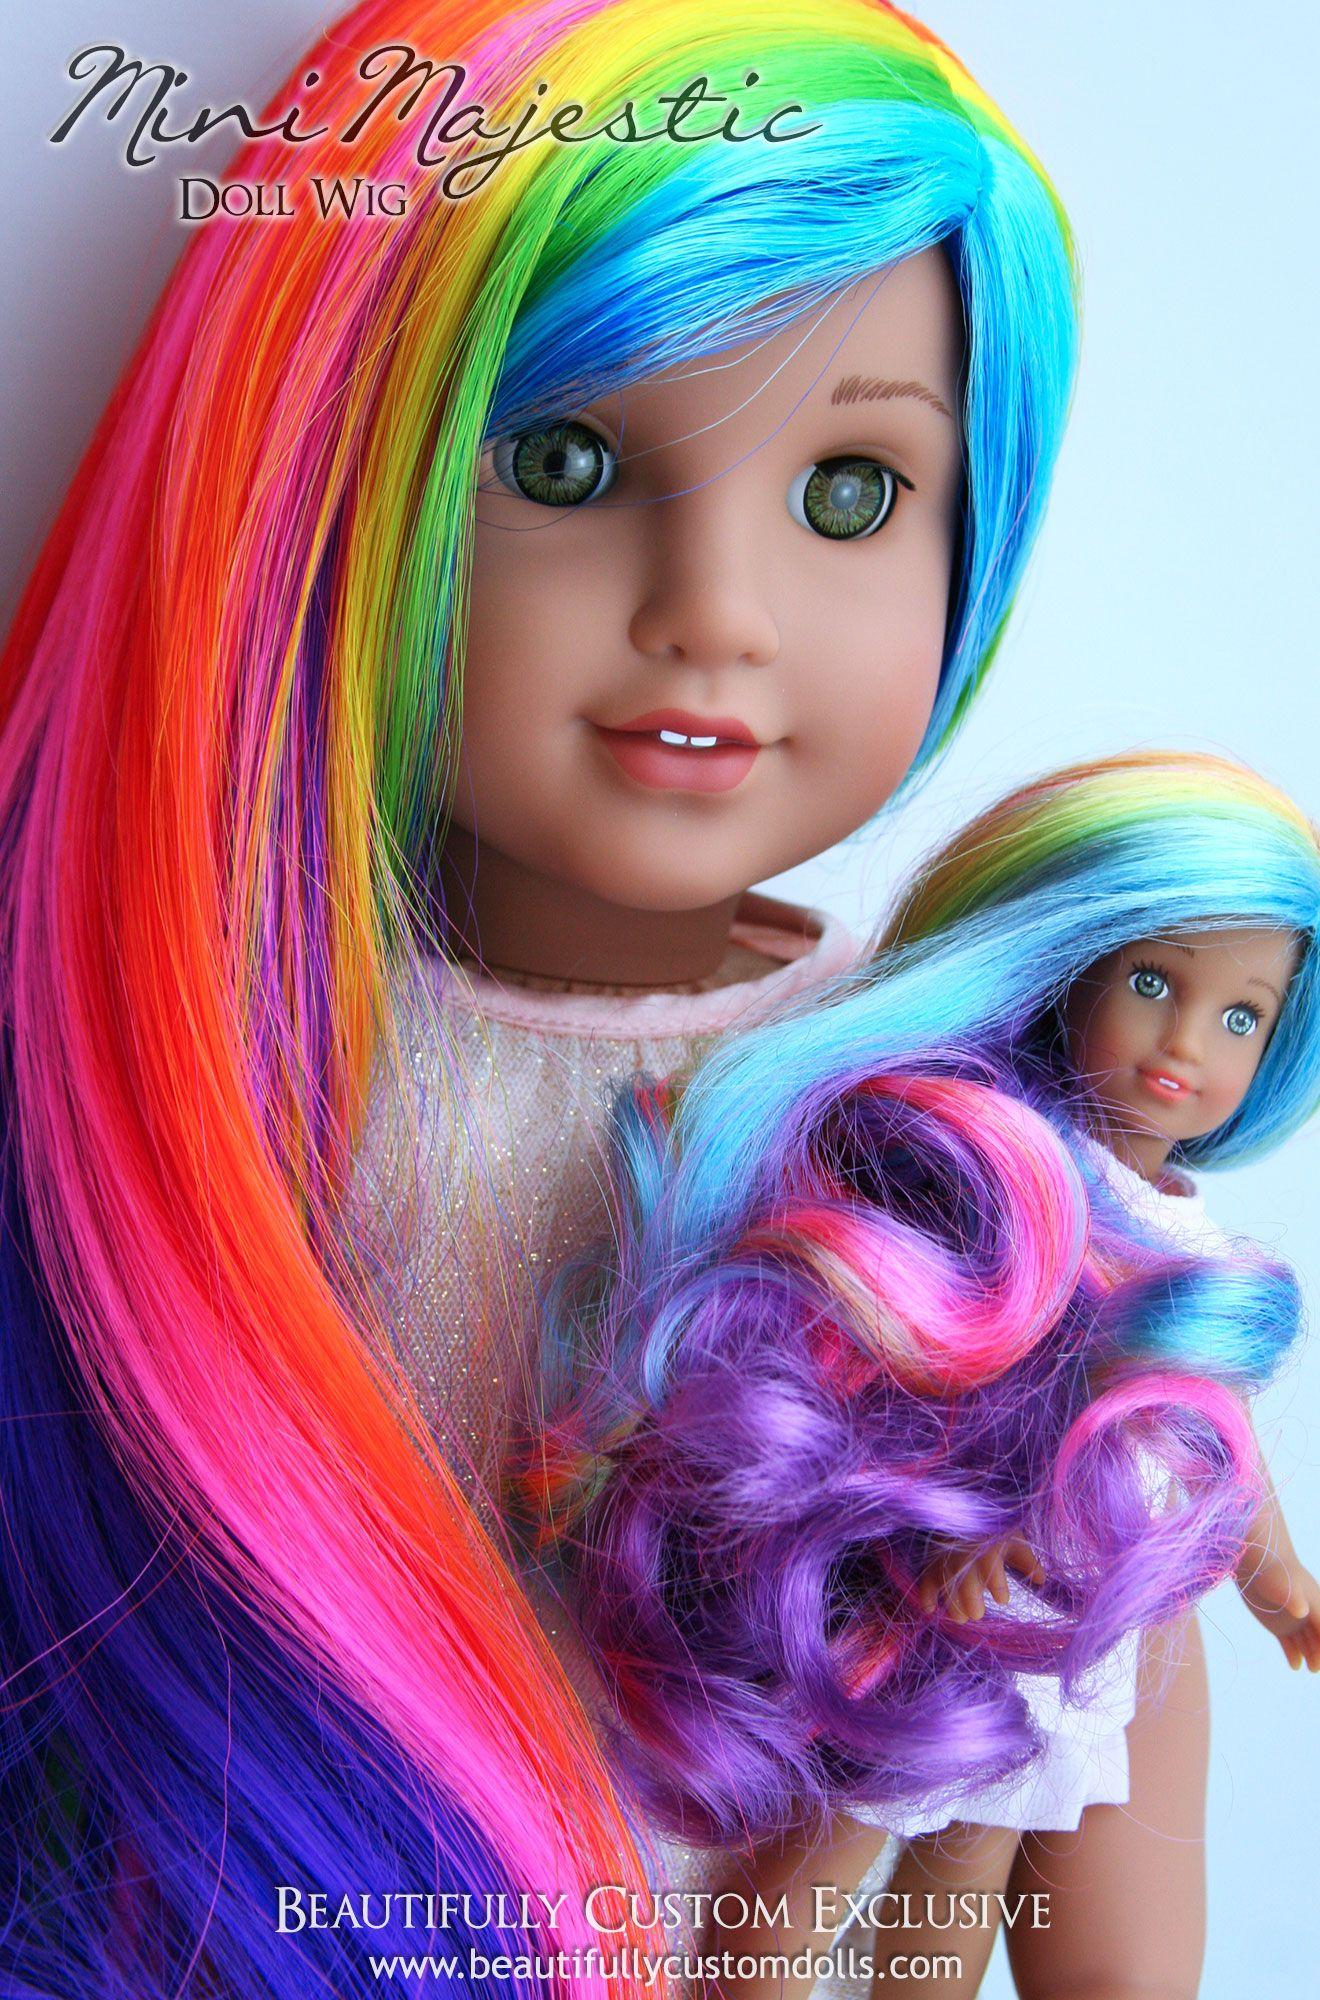 Star Wars Bb 8 Beautiful Custom Wigs For Ag Girls Mini